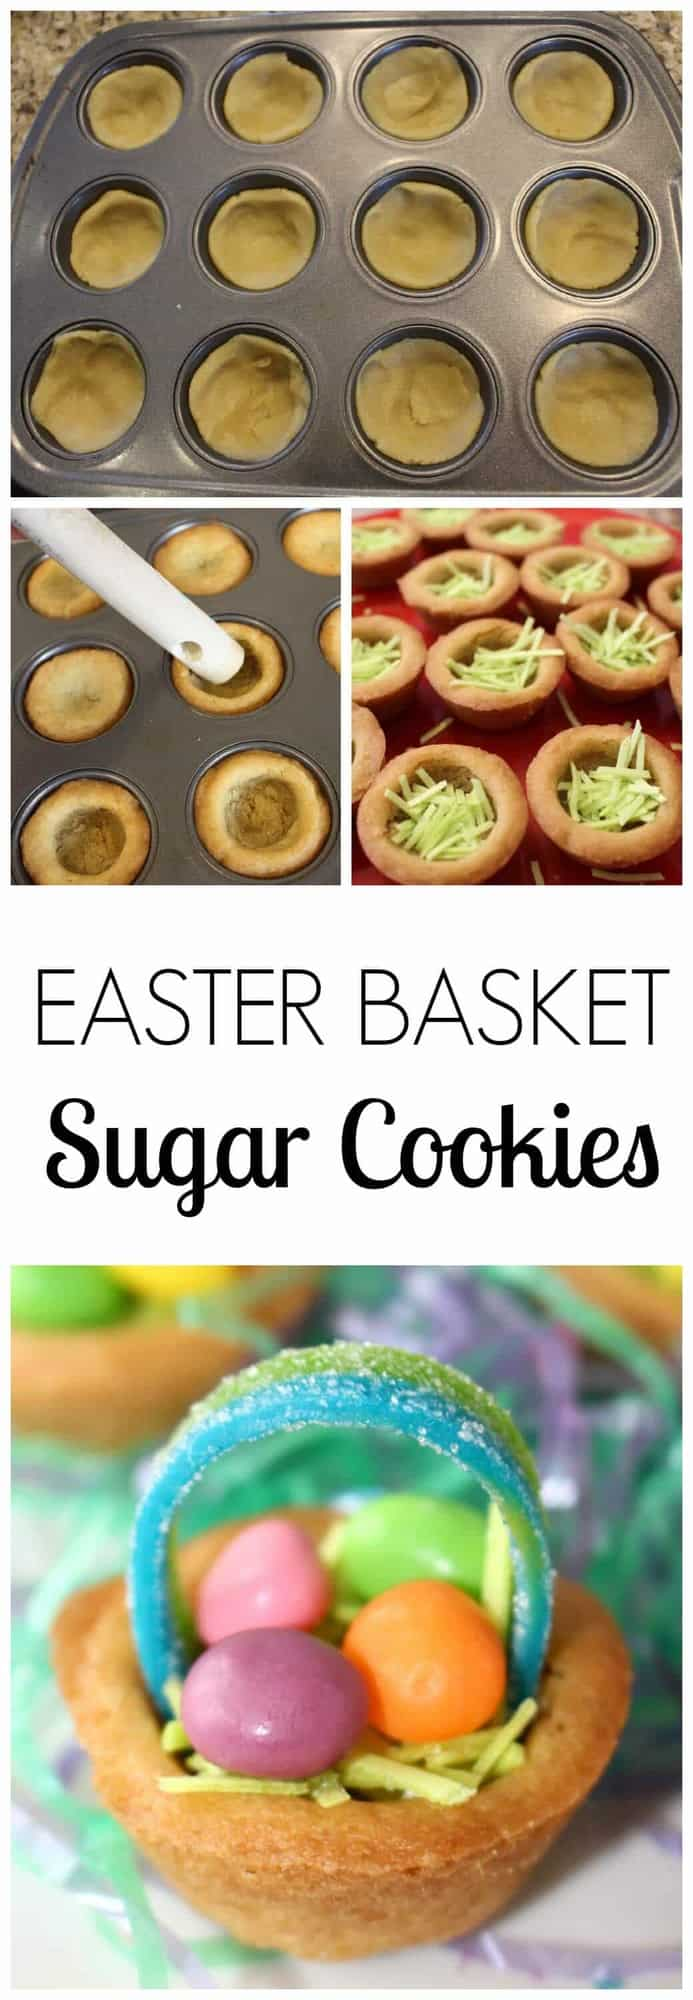 Easter Basket Sugar Cookies - Page 2 of 2 - Princess Pinky ...